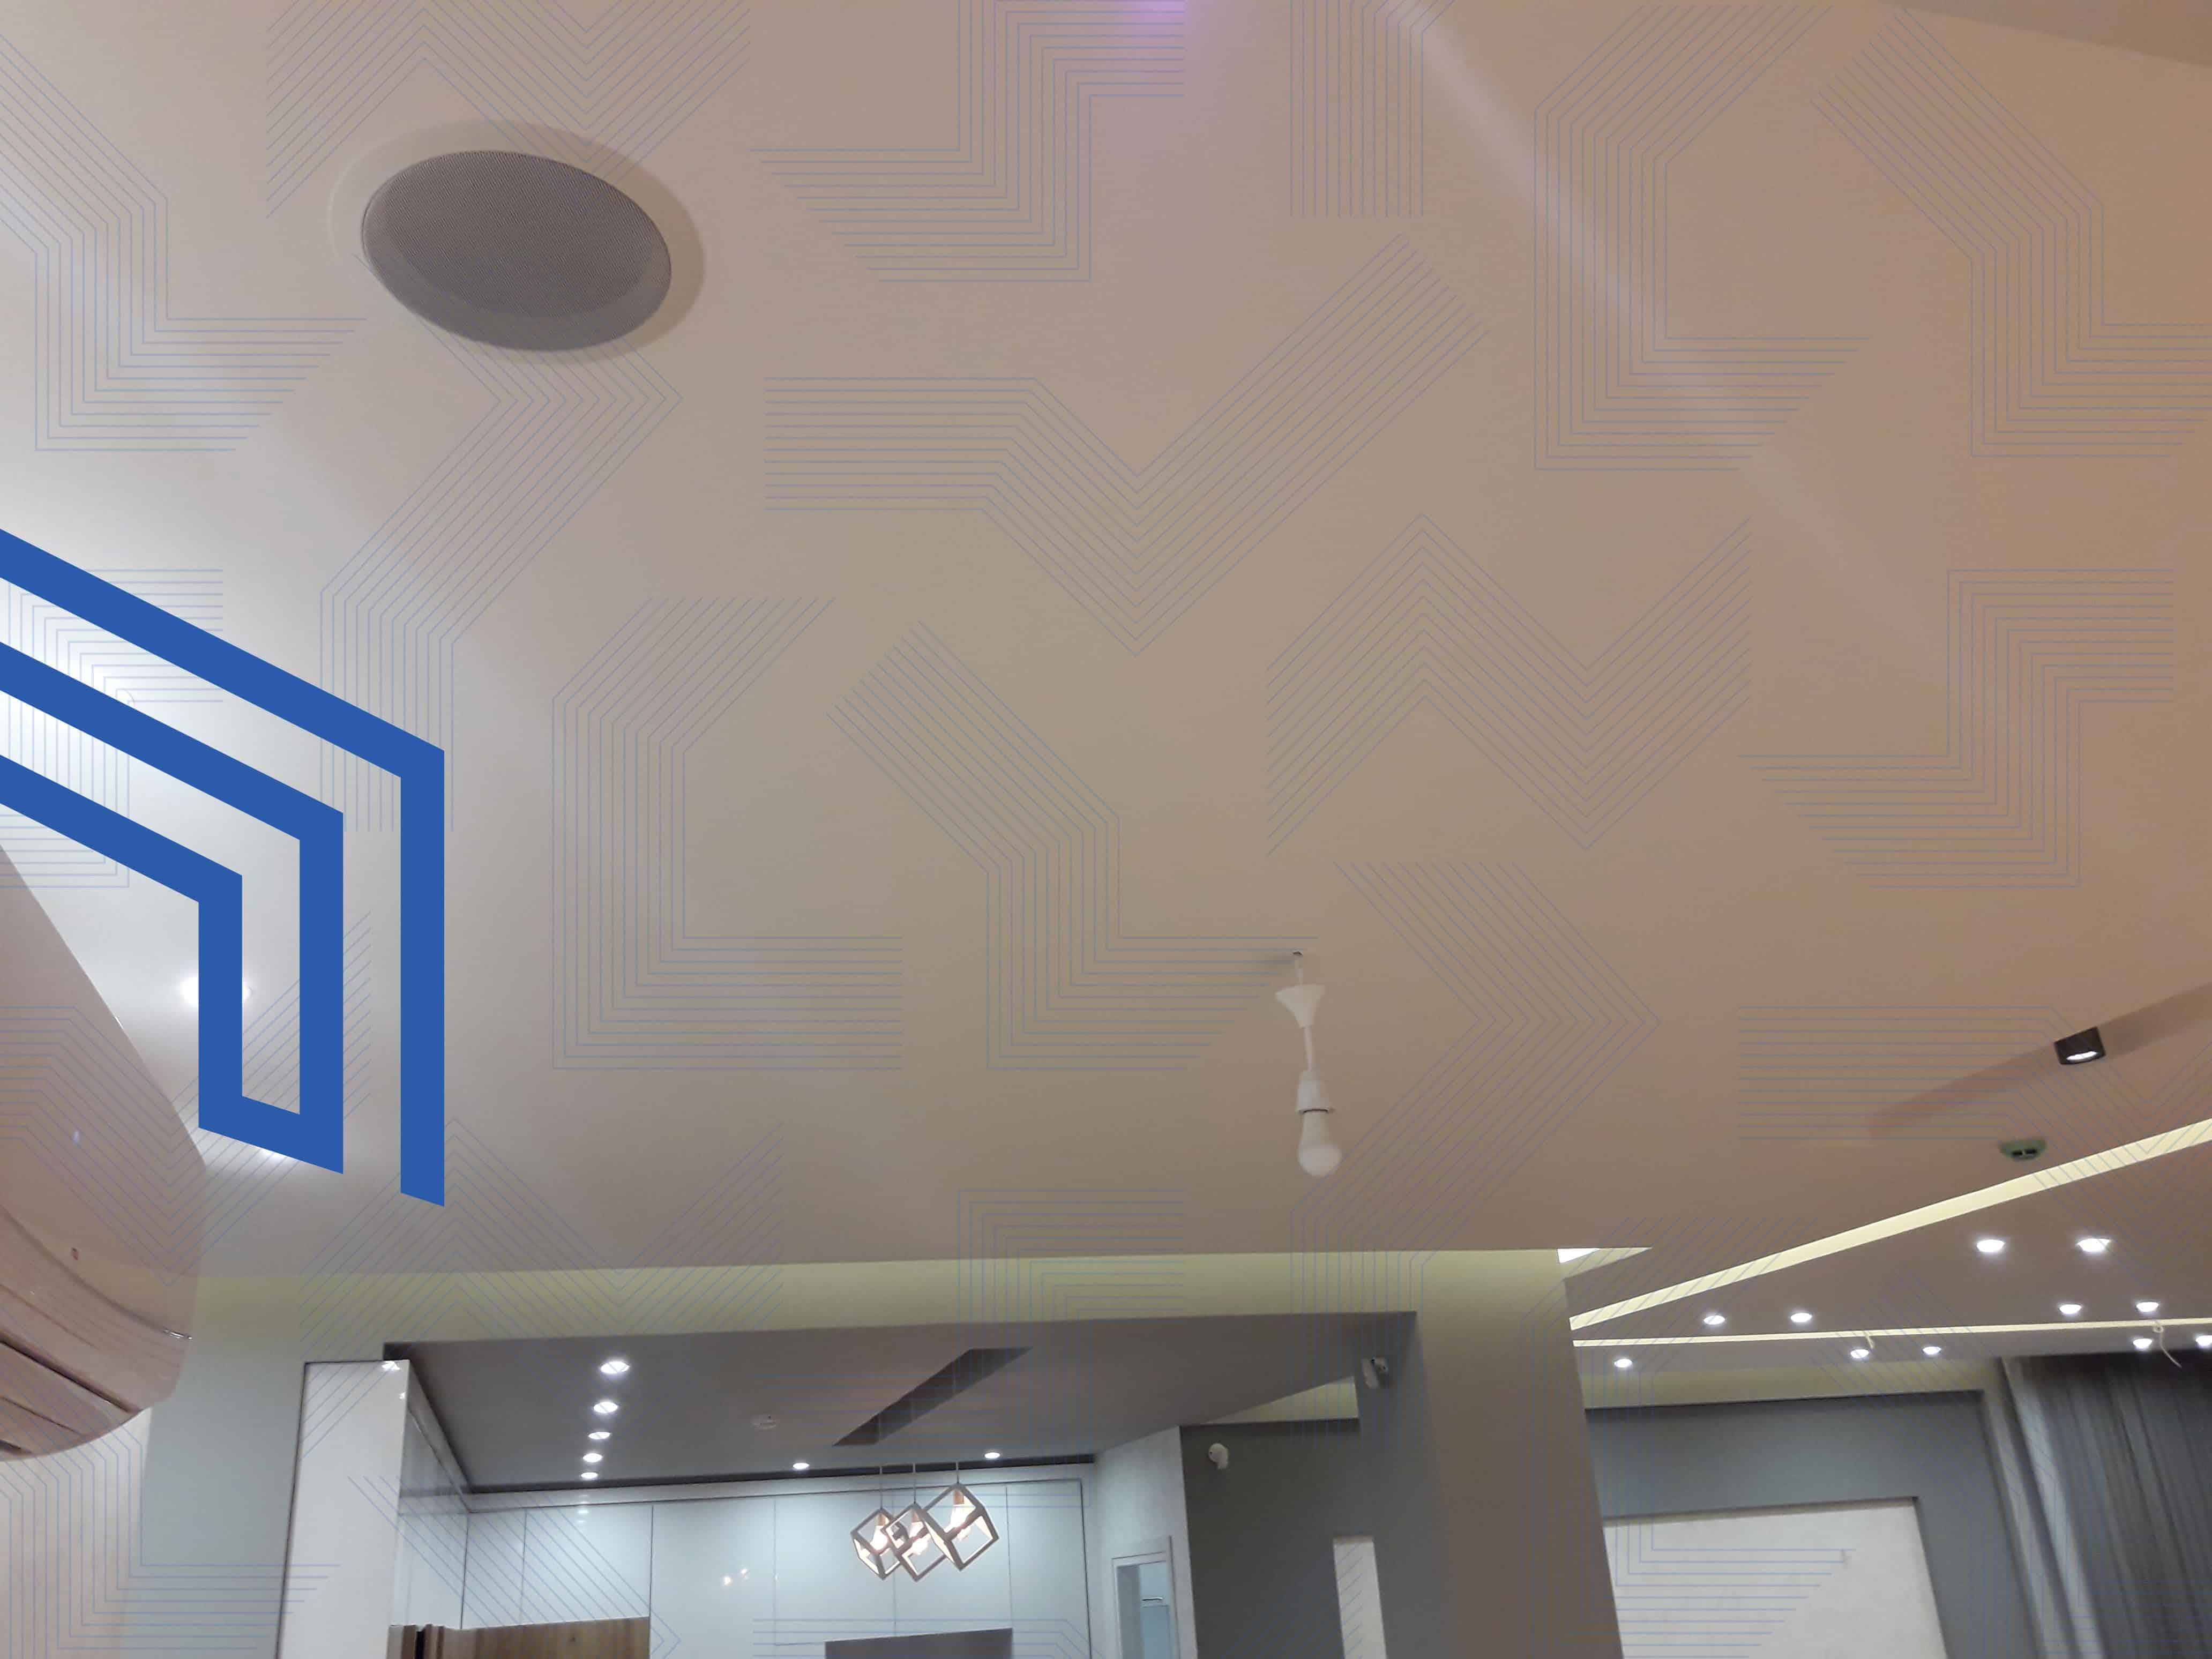 پروژه خانه هوشمند در استان گیلان